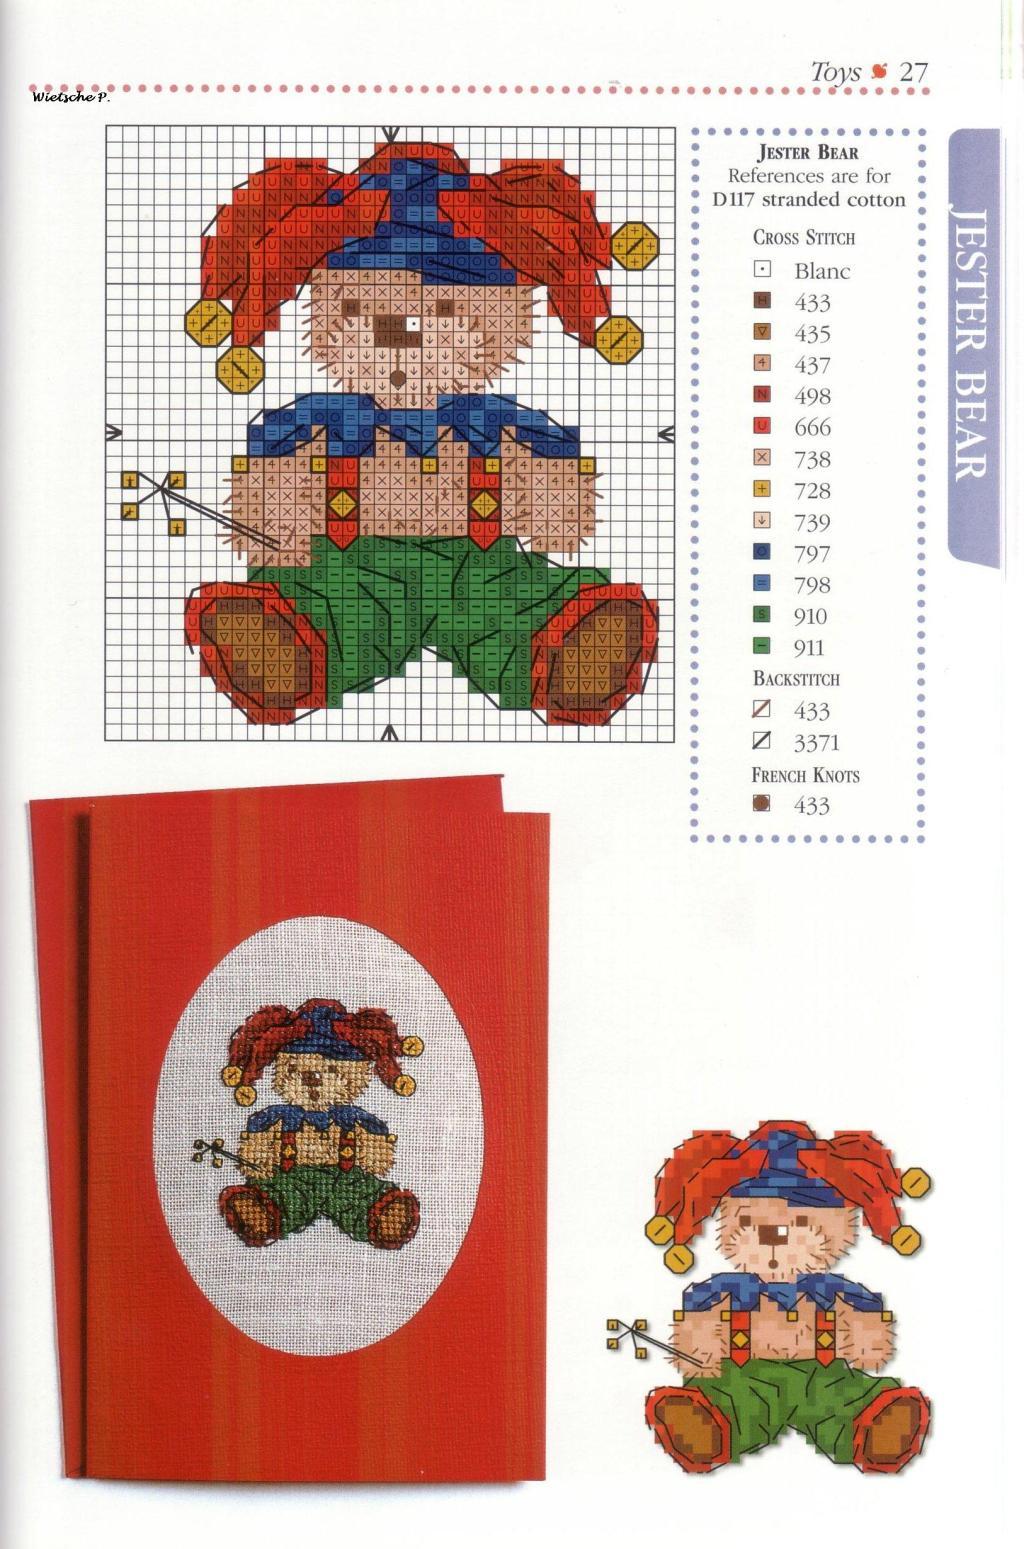 Рукодельки - Мишка в шутовском колпачке цветная схема вышивки крестиком